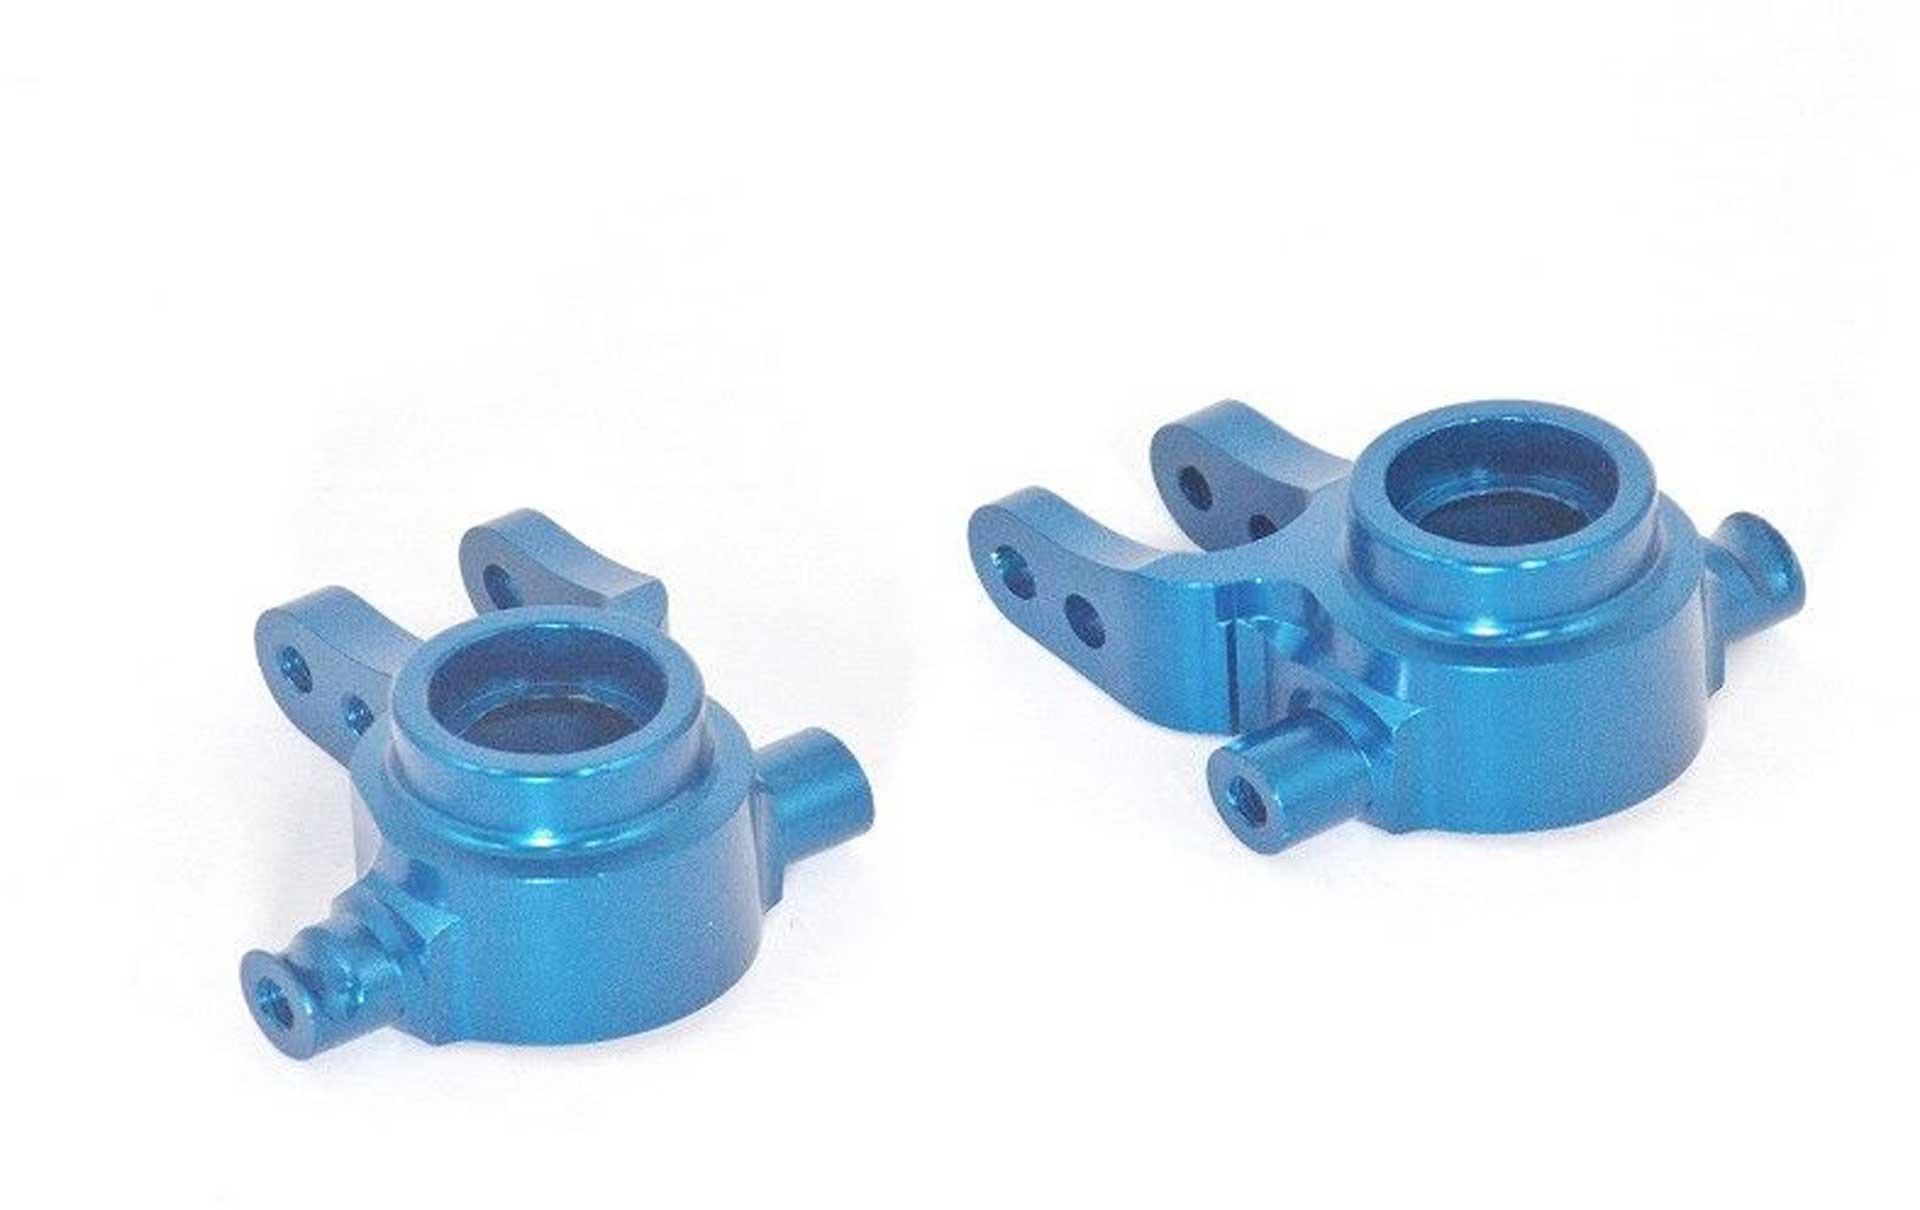 ALLOY FRONT KNUCKLE ARM - 1PR SET blue GPM TRX 1 /10 SLASH 4x4 RALLY STAMPEDE/RUSTLER/HOS